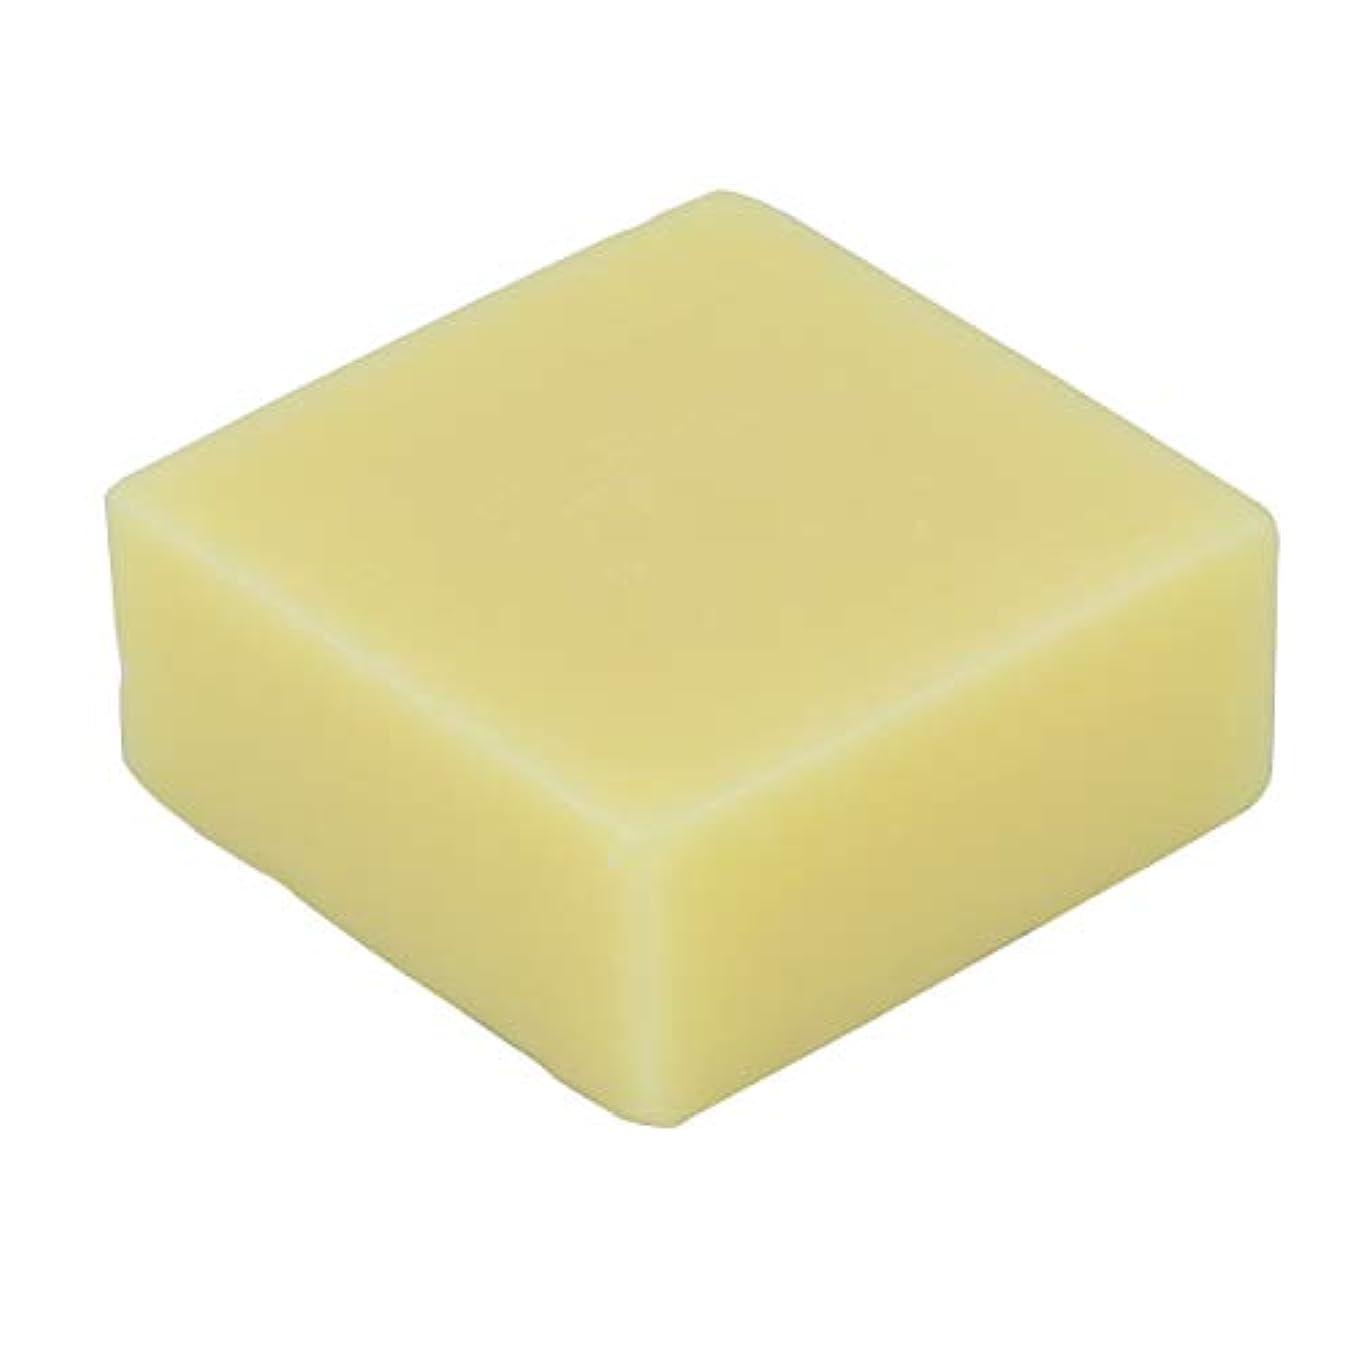 メンター命令的手首Lurrose お風呂用洗顔石鹸バー手作りエッセンシャルオイル石鹸人参石鹸